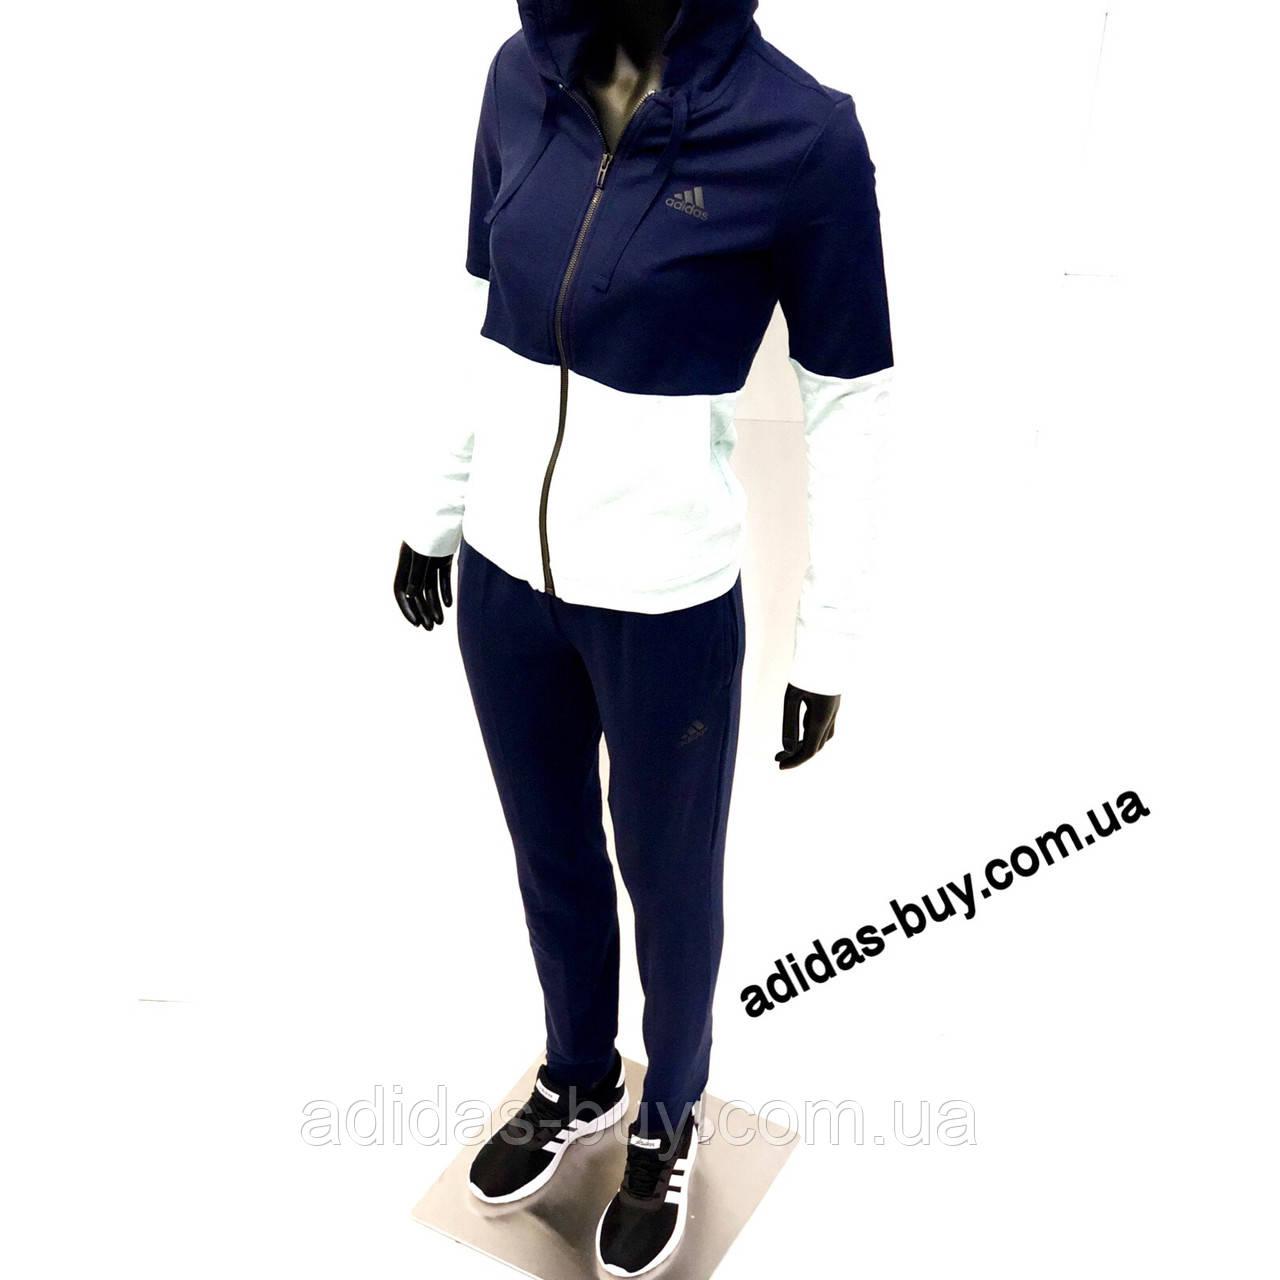 adef2333173 Женский костюм adidas WTS CO MARKER CY3509 цвет  синий салатовый  оригинальный - ORIGINAL SHOES